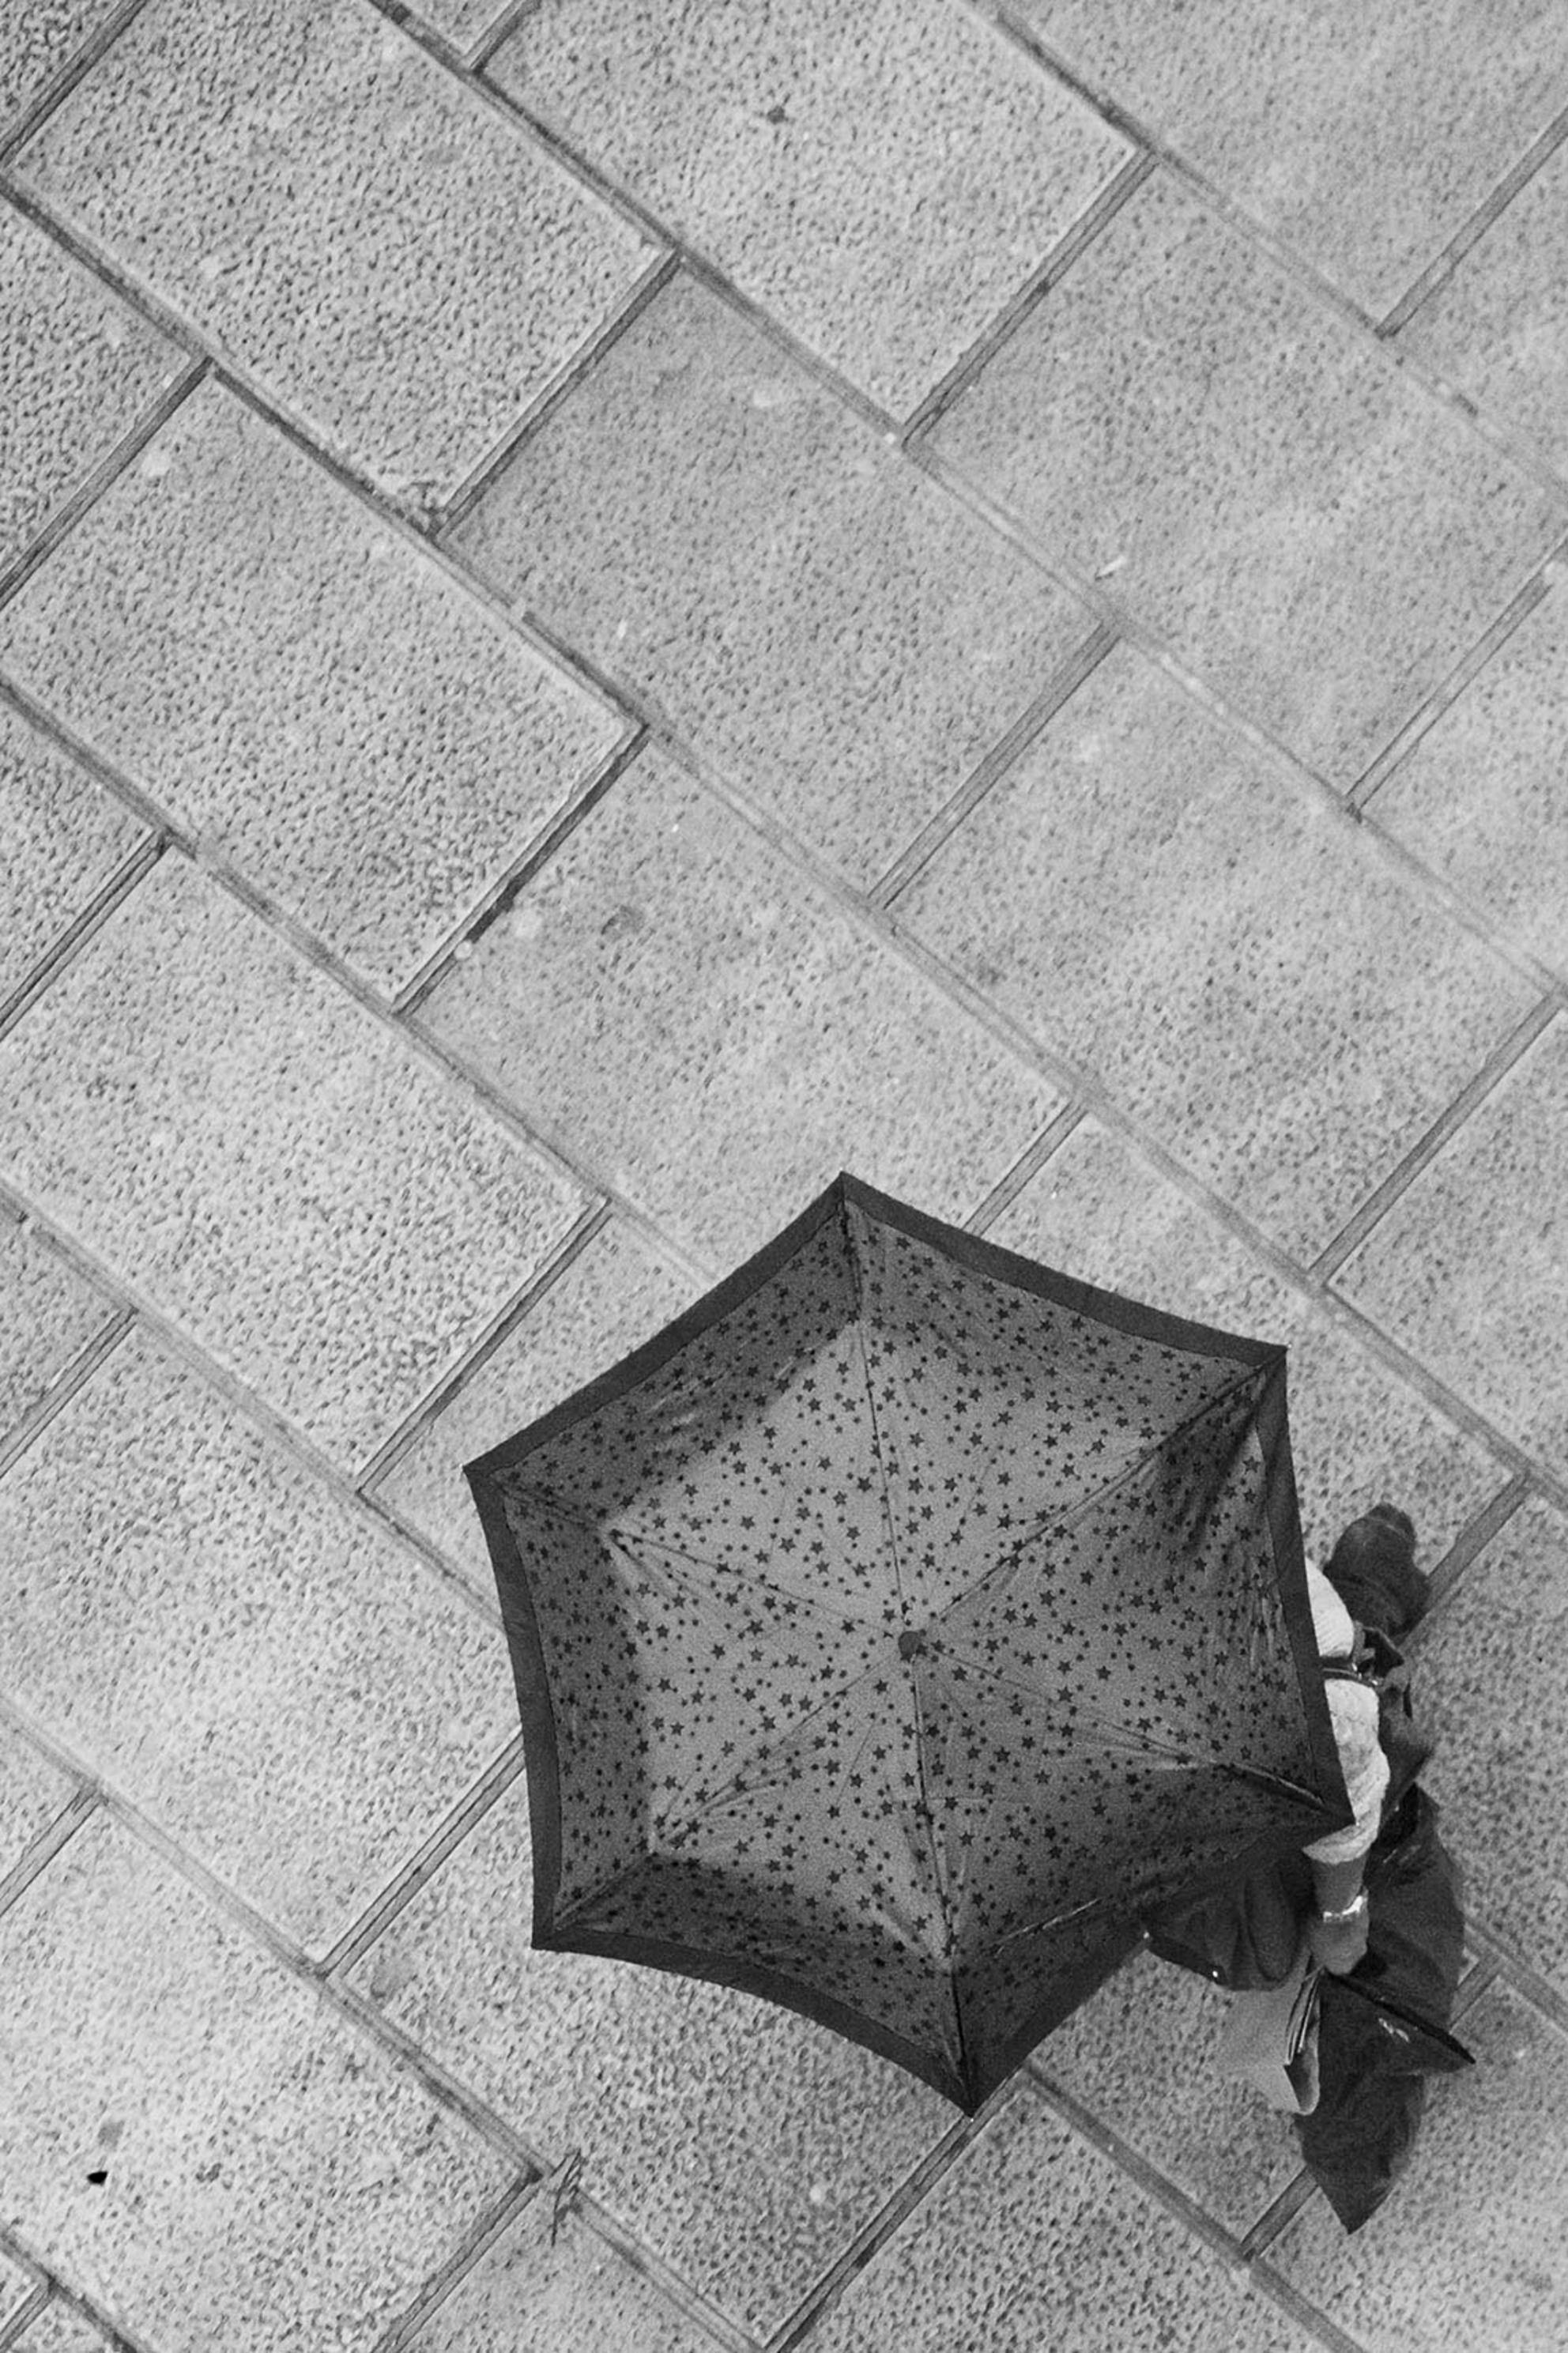 van boven 2 - en weer  nog een uit de serie van boven  omzetting naar zwart wit met blauw filter, de paraplu en tas was blauw  gr hans - foto door sparks_zoom op 29-01-2014 - deze foto bevat: sparks, santander, van boven, heen en weer - Deze foto mag gebruikt worden in een Zoom.nl publicatie